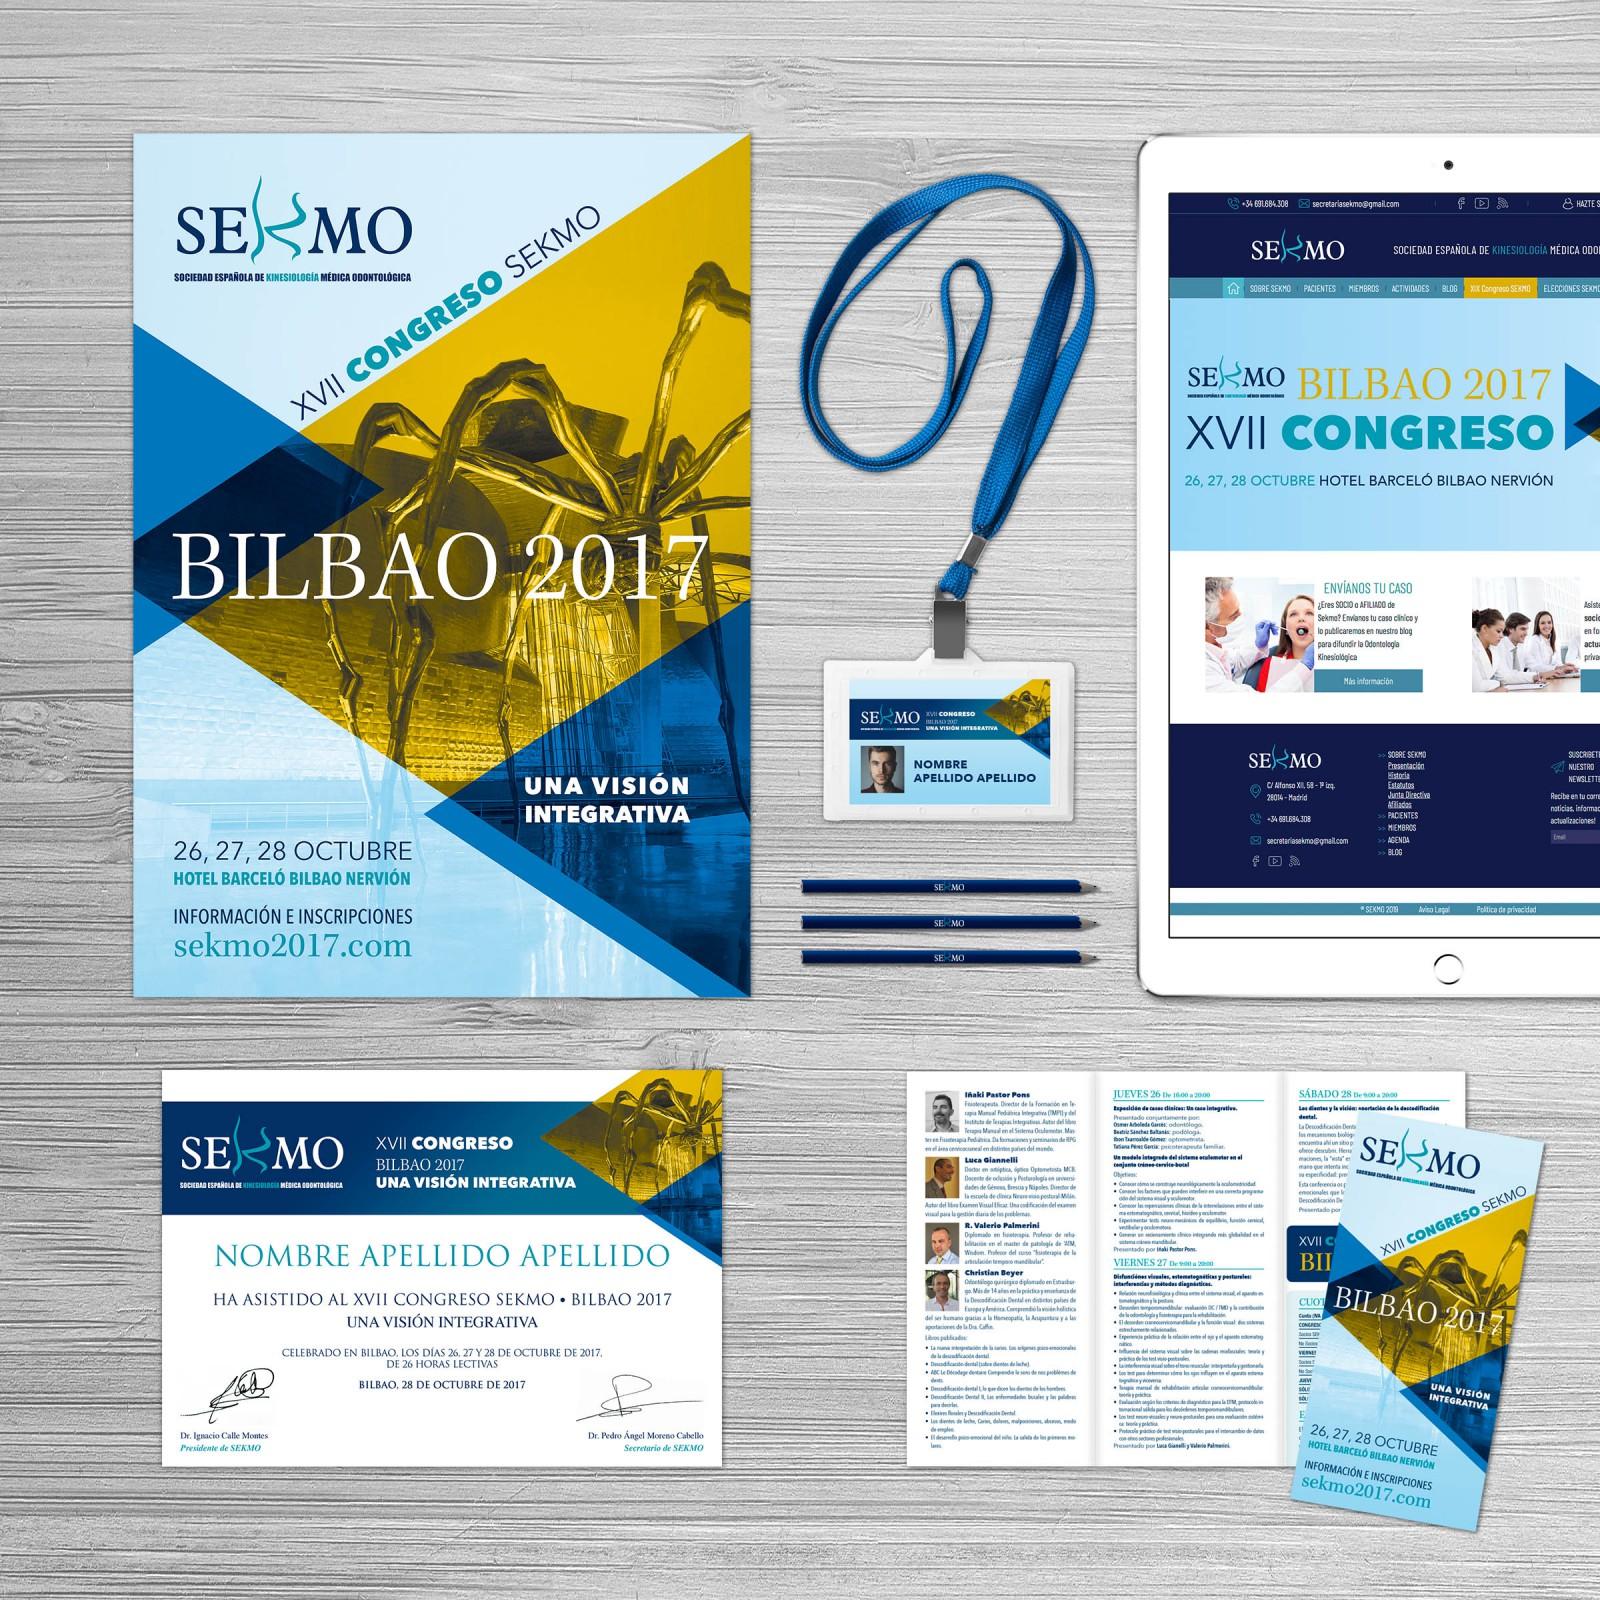 Congreso SEKMO Bilbao 2017 Diseño Publicidad Marketing Web Dominio Hosting Redes Sociales Evento